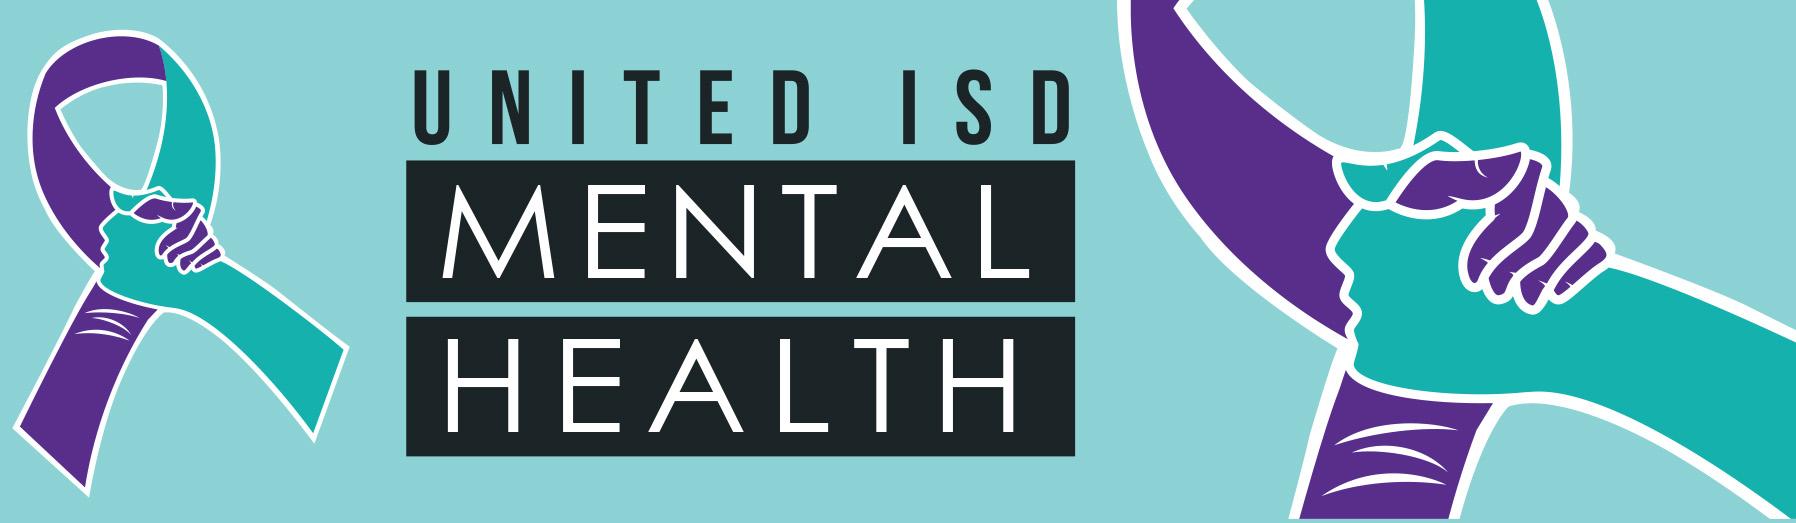 Mental Health Awareness Ribbon Logo